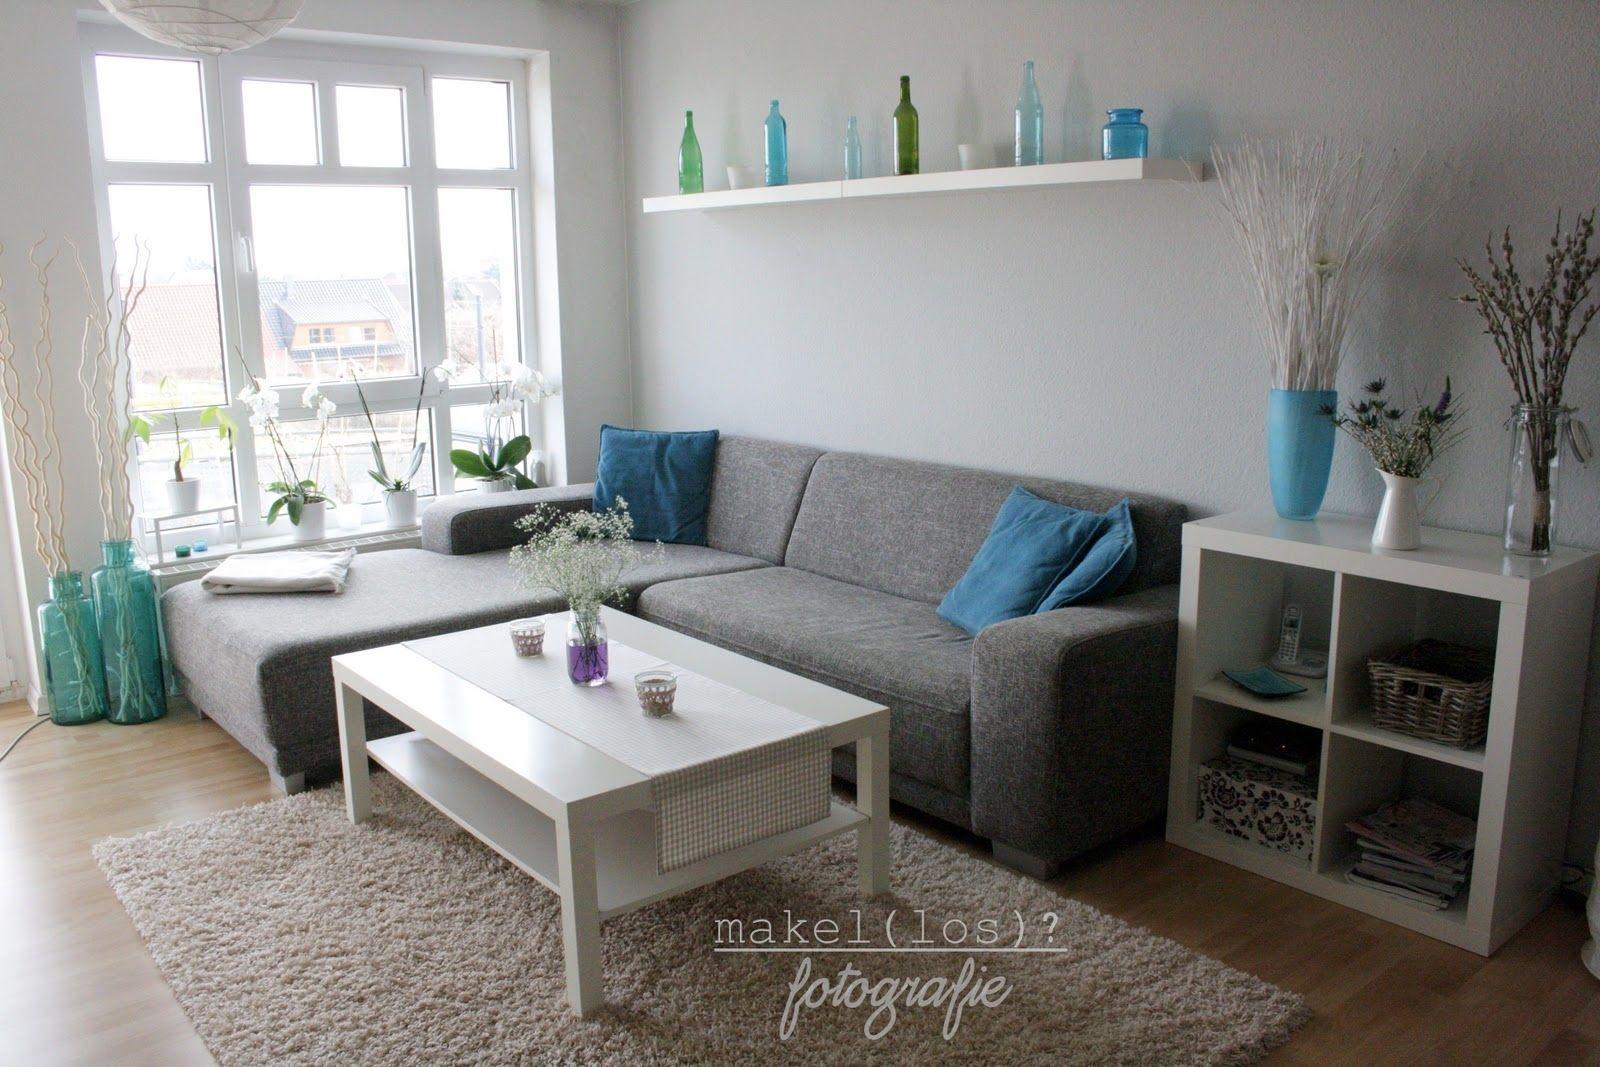 35 Wohneinrichtung Ideen Wohnzimmer   Decoration   Pinterest ...